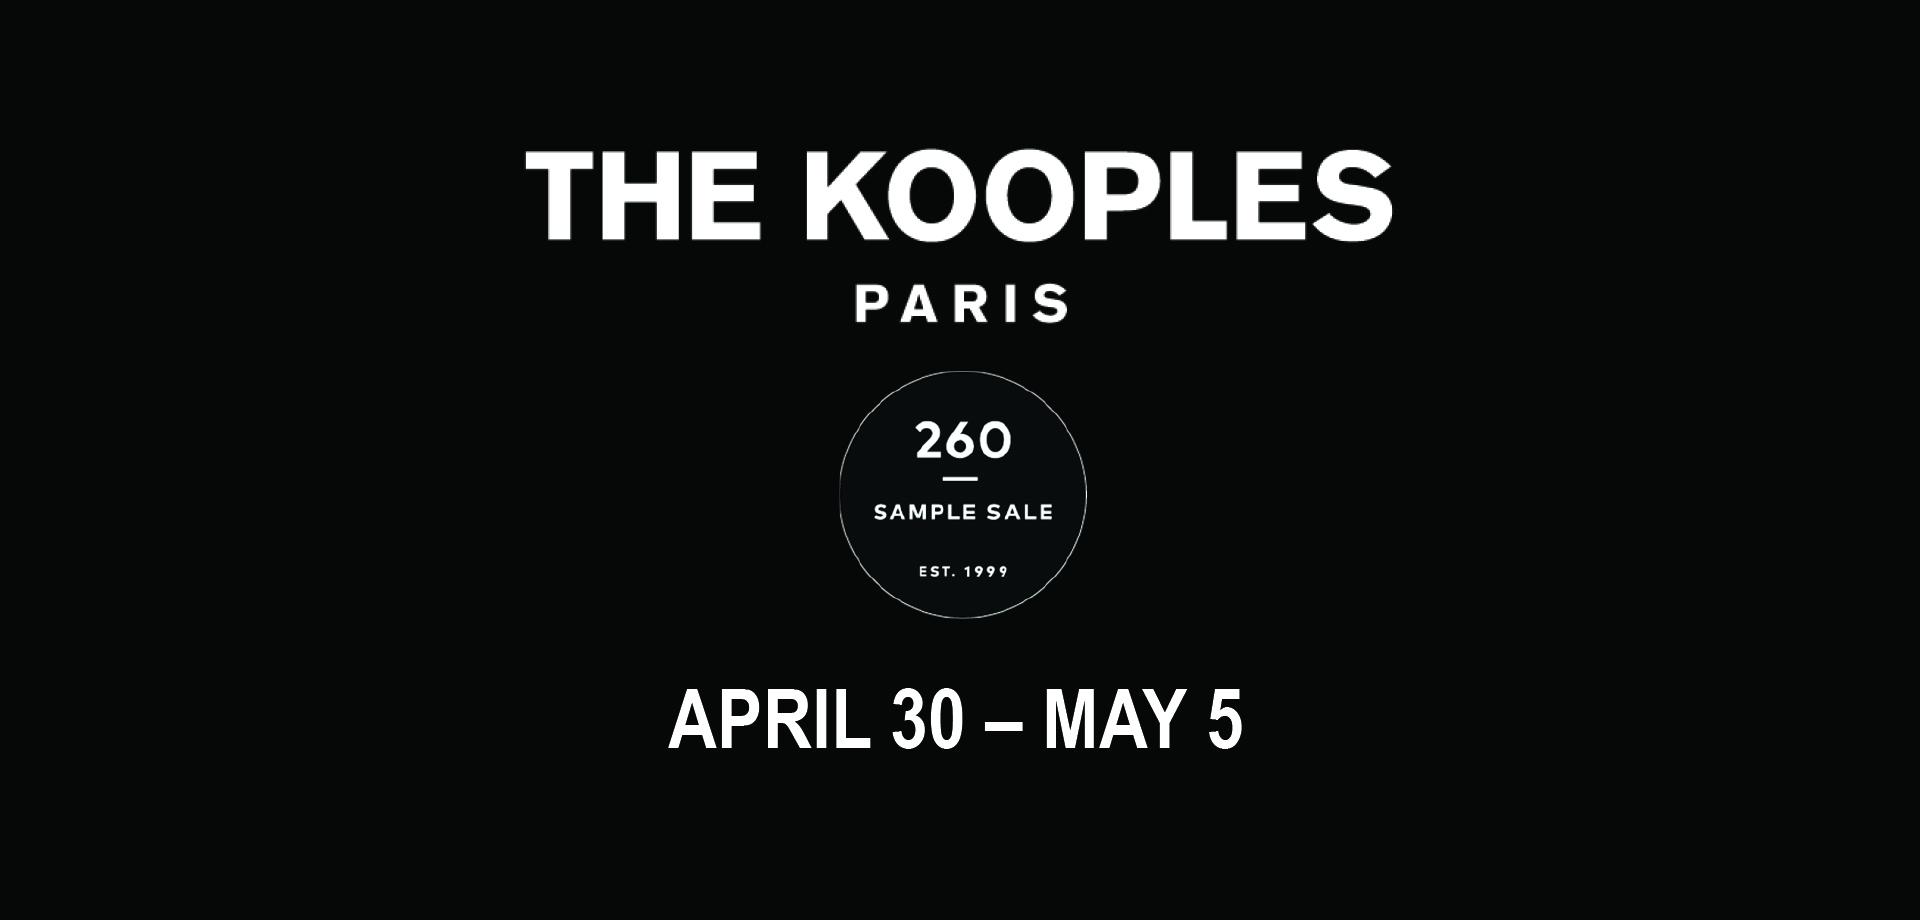 BANNER-The-Kooples-260-Sample-Sale_SP19.jpg